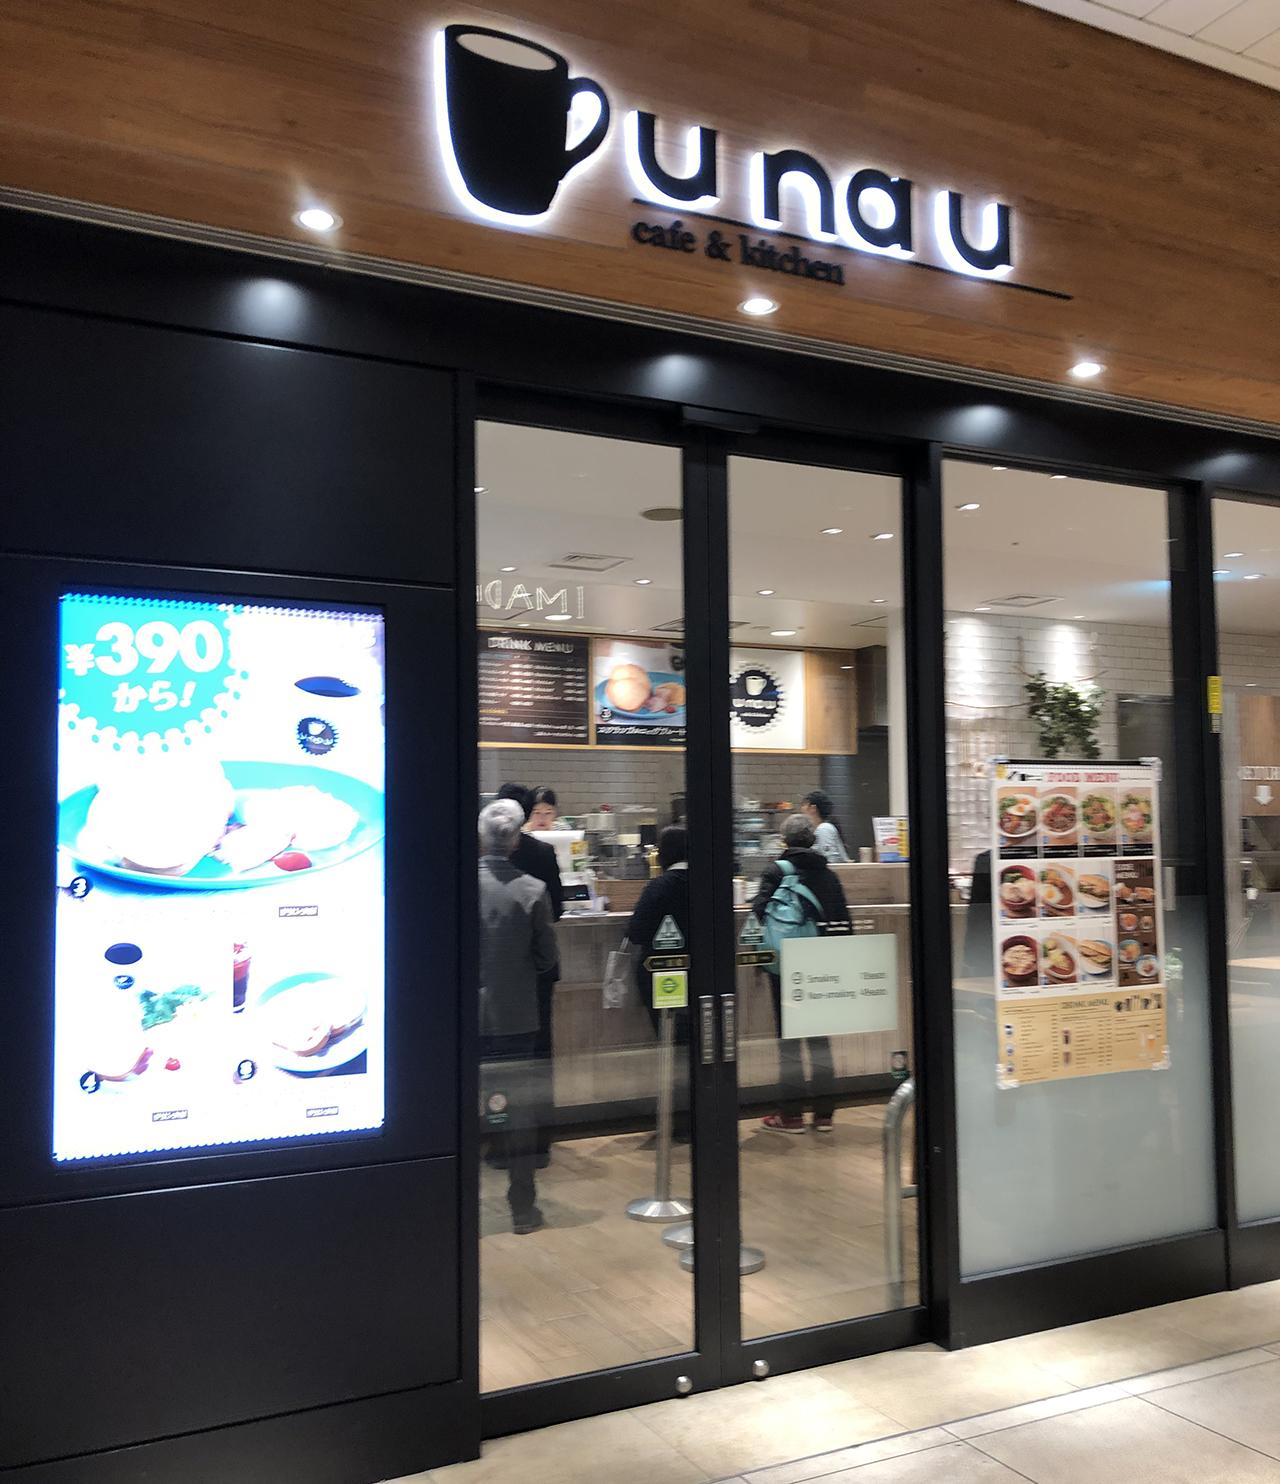 unau cafe&kitchen(ウナウ カフェ アンド キッチン) ペリエ千葉エキナカ店の画像